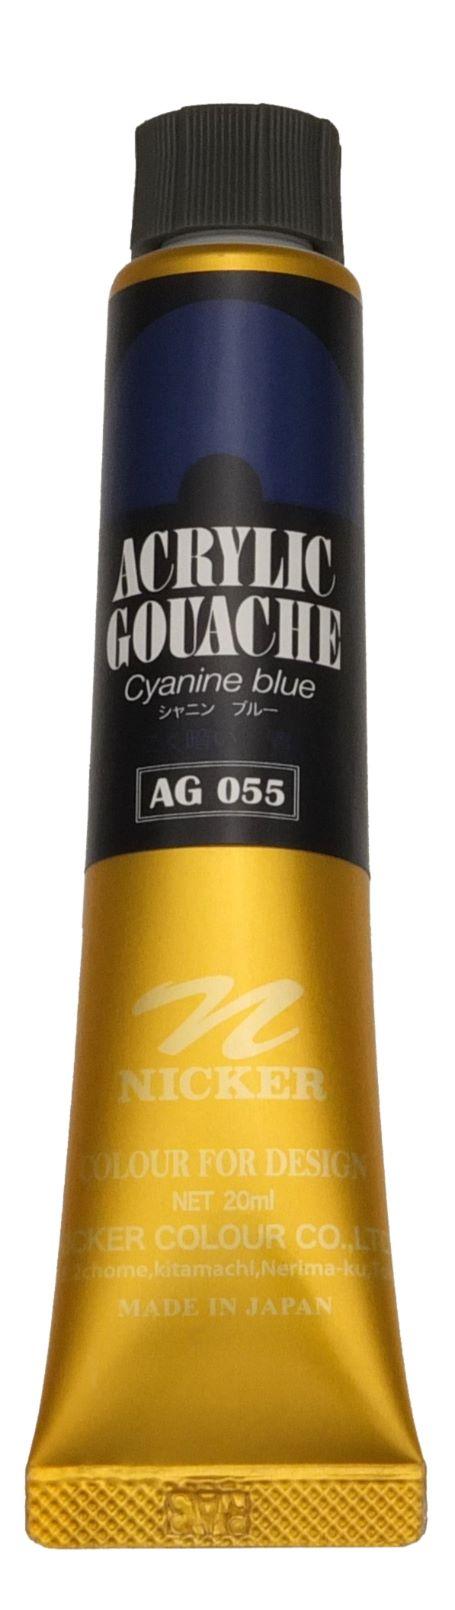 ACRYLIC GOUACHE 20ml AG055 CYANINE BLUE